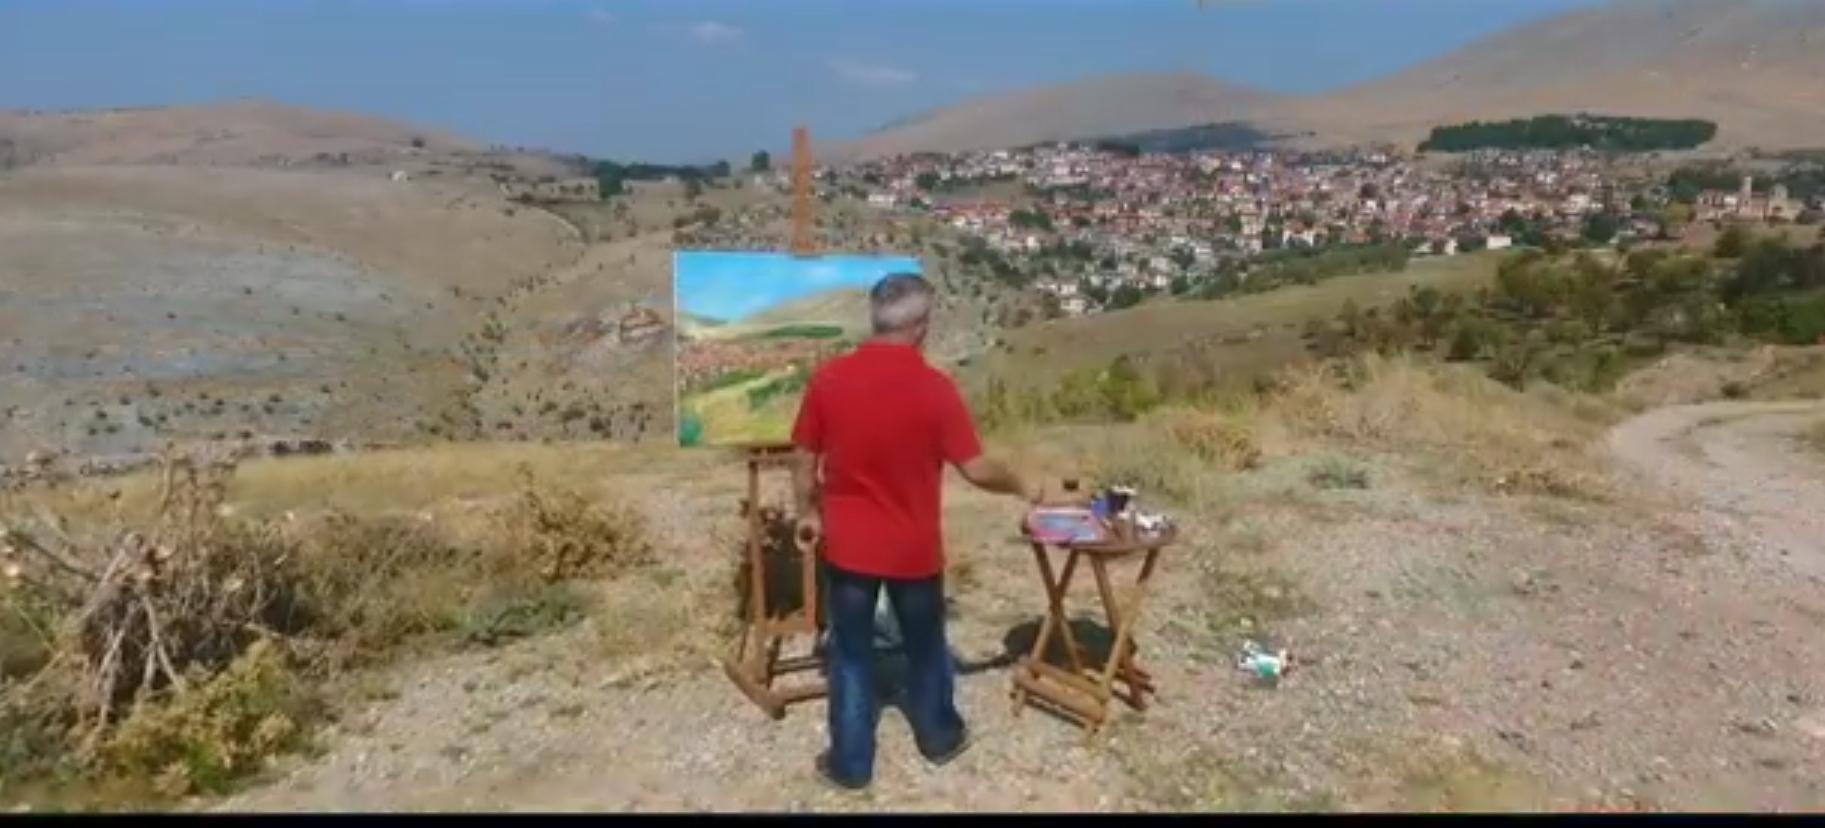 Ο Κώστας Ντιός ζωγραφίζει τη Σιάτιστα από ψηλά. Βίντεο..